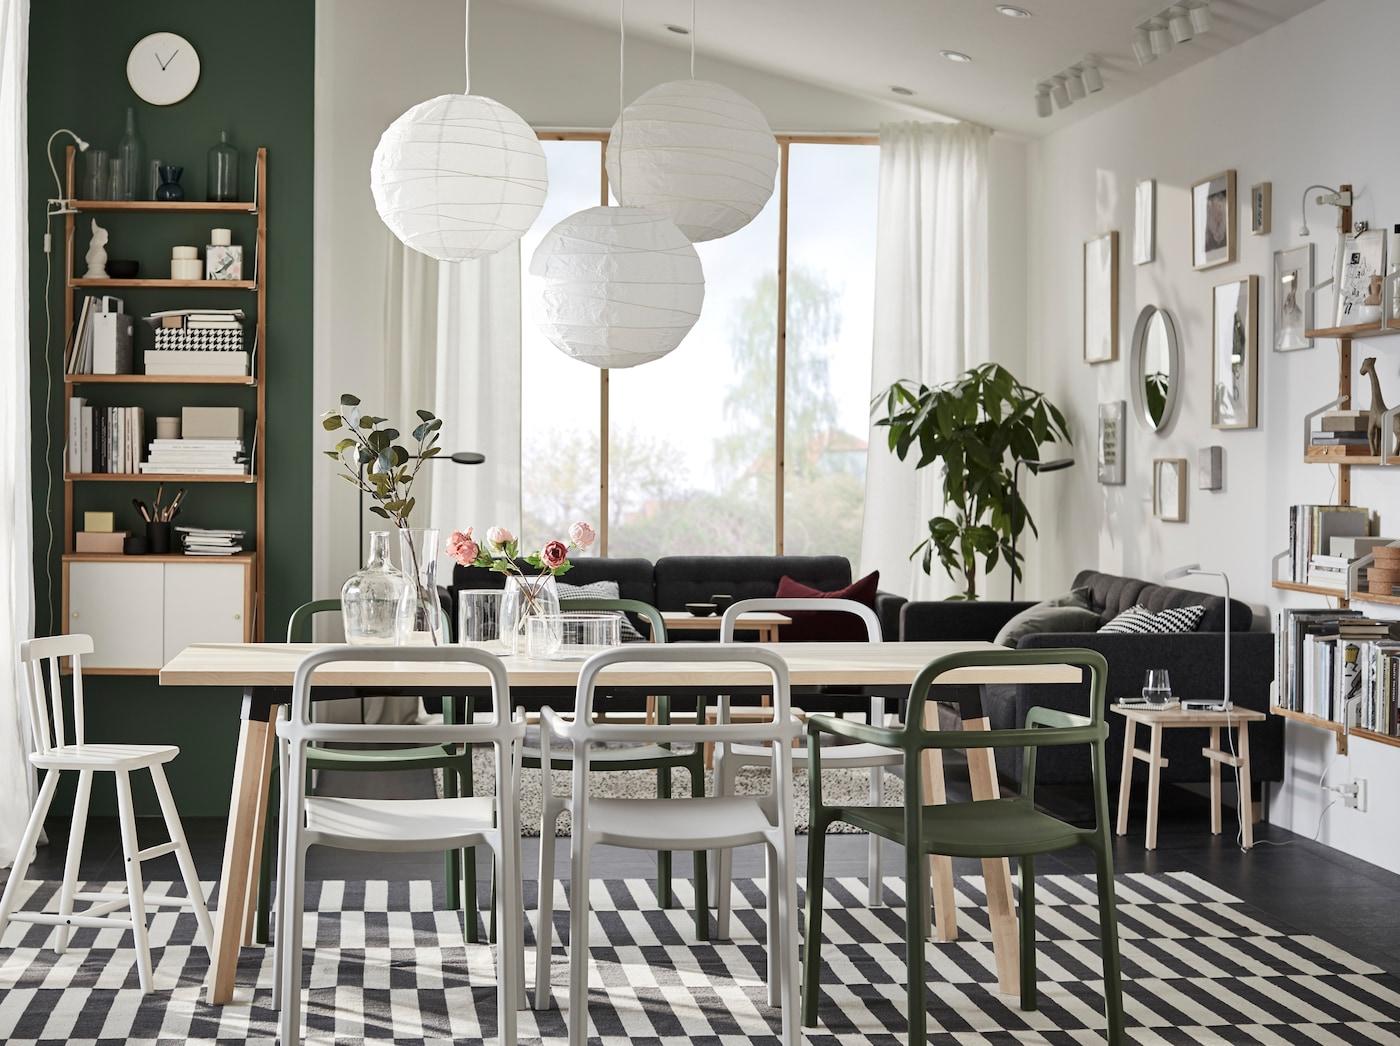 Crie a sua própria solução para um espaço de refeição interior/exterior com cadeiras YPPERLIG em branco e verde. Criadas a partir de plástico de elevada qualidade, são resistentes às diferentes condições atmosféricas.